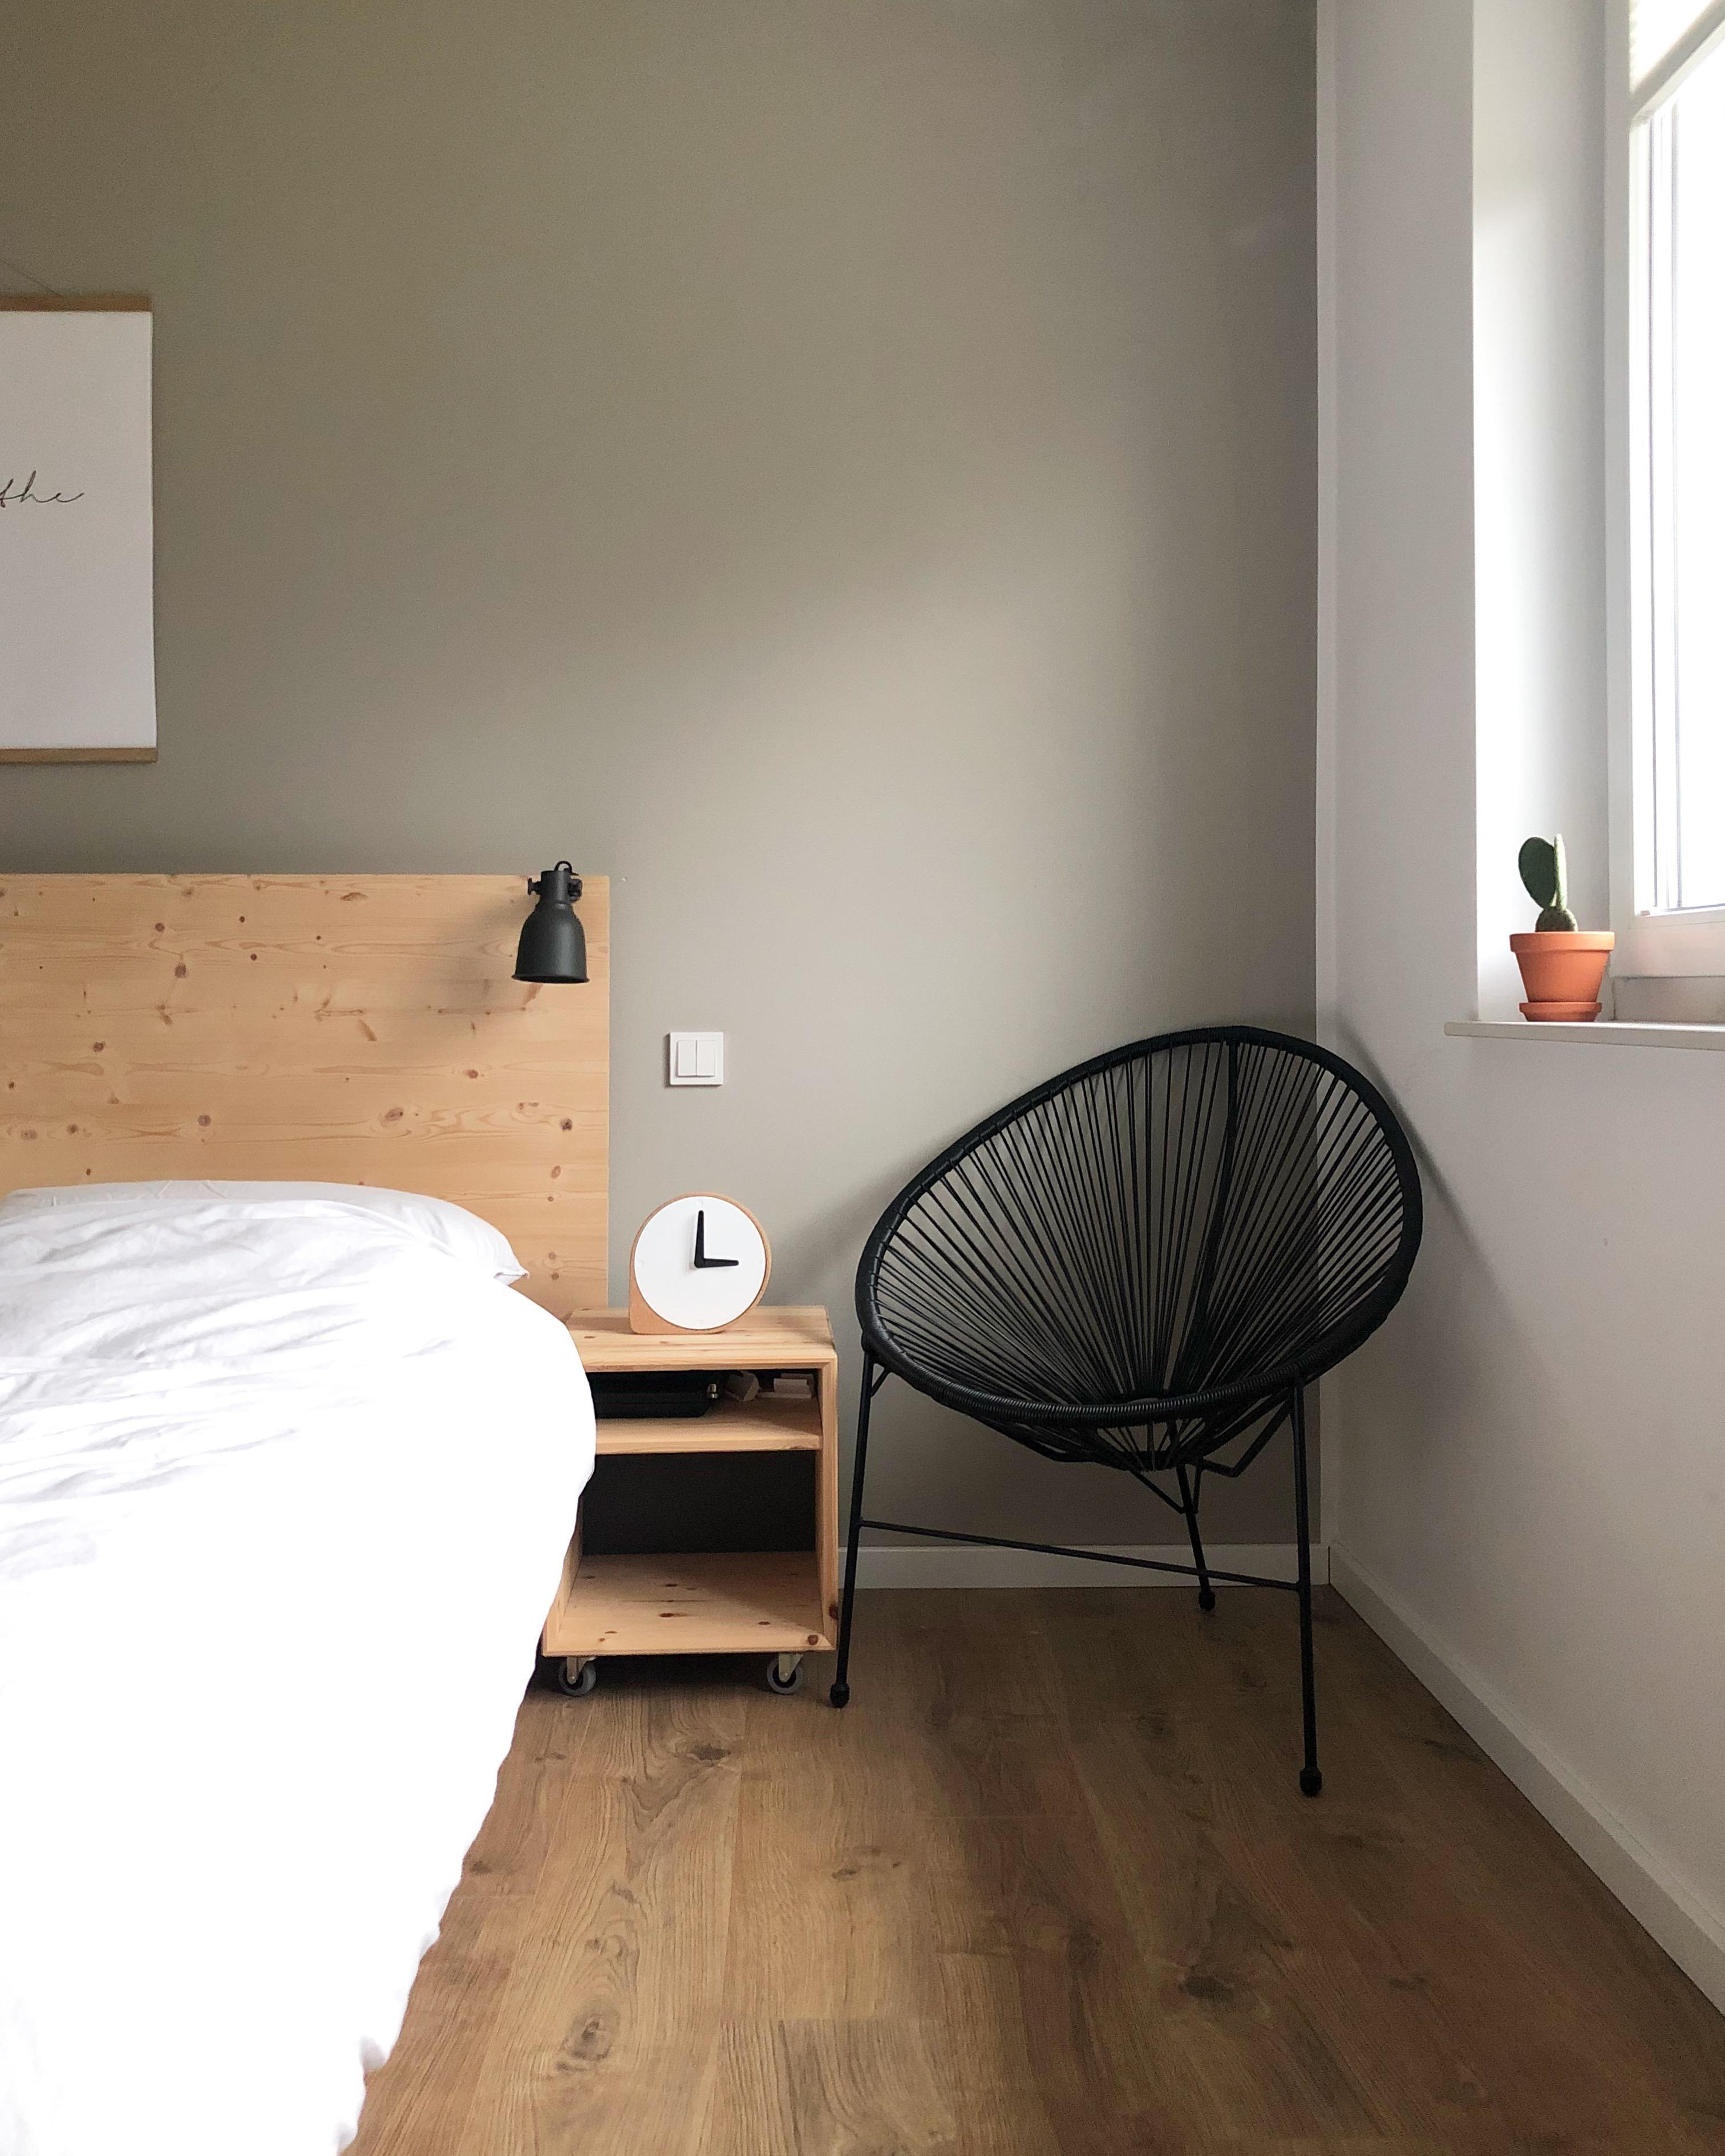 Neue Uhr Im Schlafzimmer ♡ #schlafzimmer #uhr #clork #kork #puik #